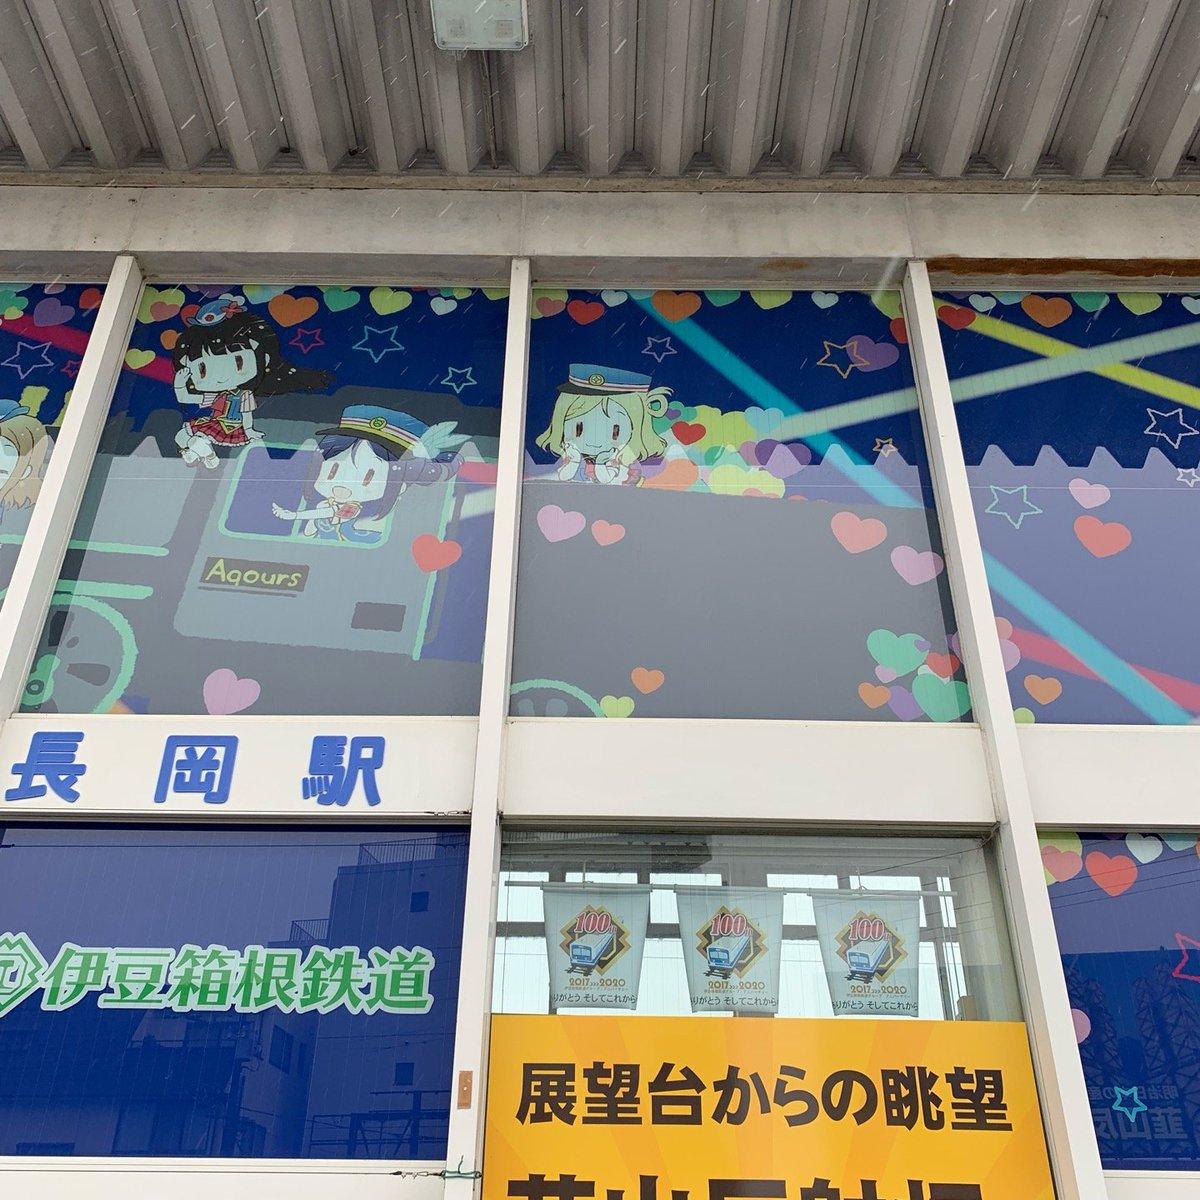 伊豆箱根鉄道 伊豆長岡駅 Aqours(2)